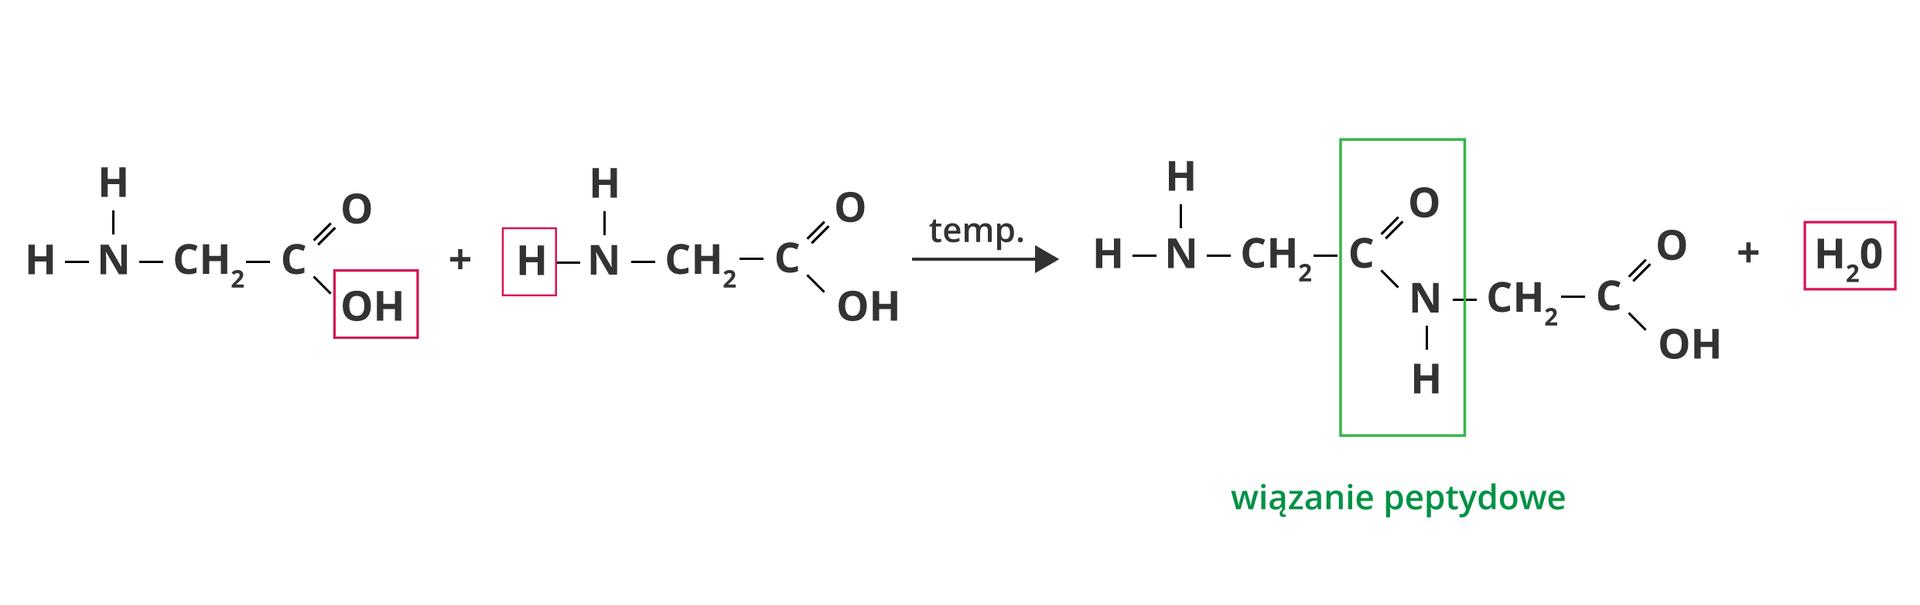 Łączenie się dwóch cząsteczek glicyny